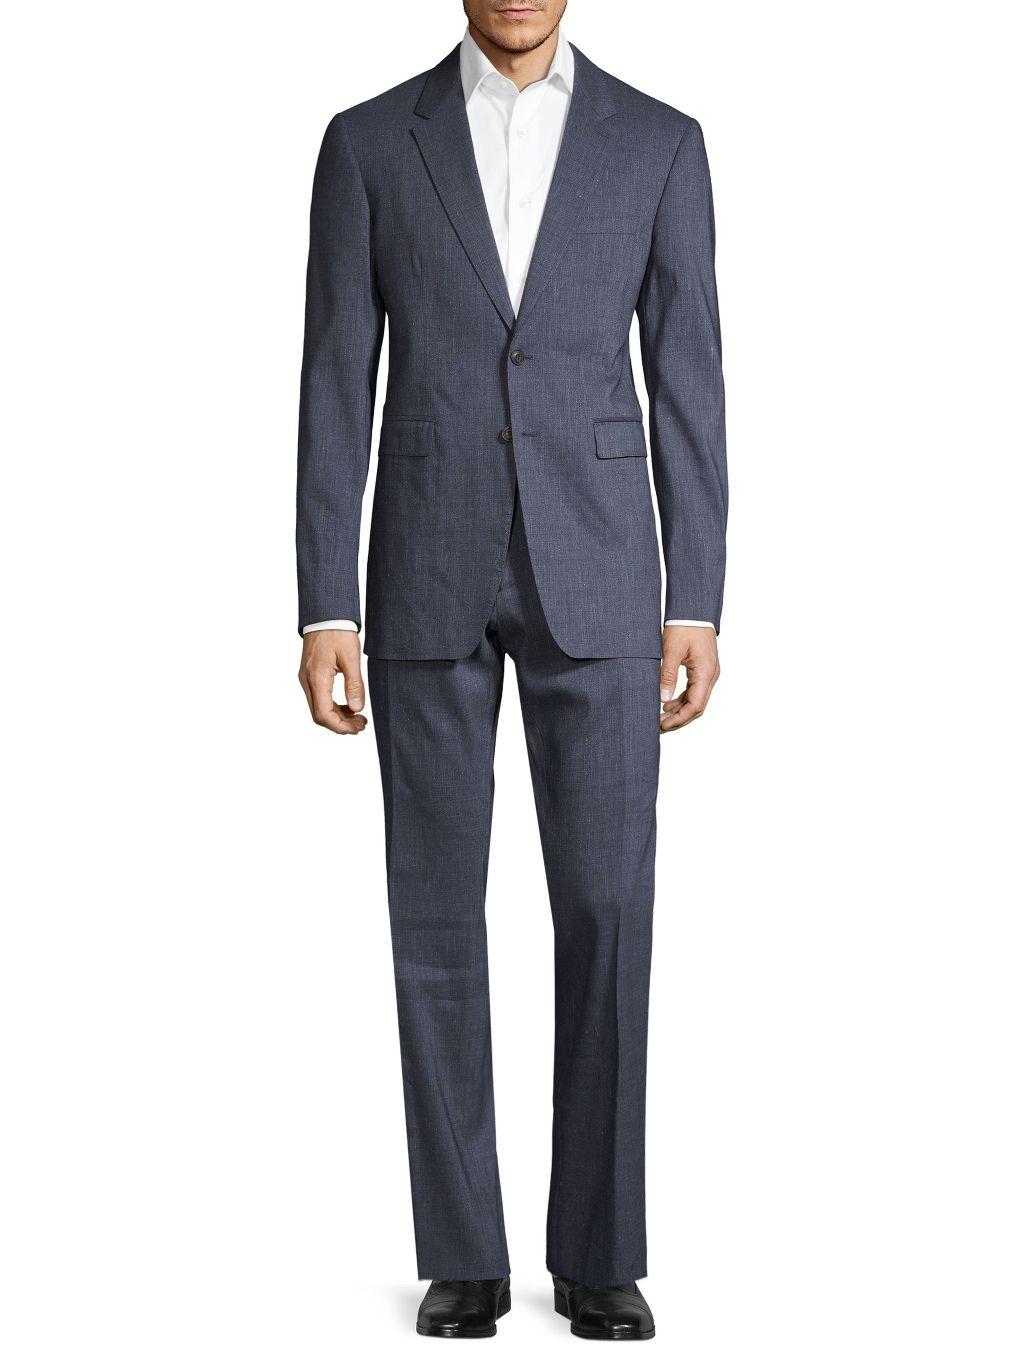 Burberry Modern-Fit Notch Lapel Suit